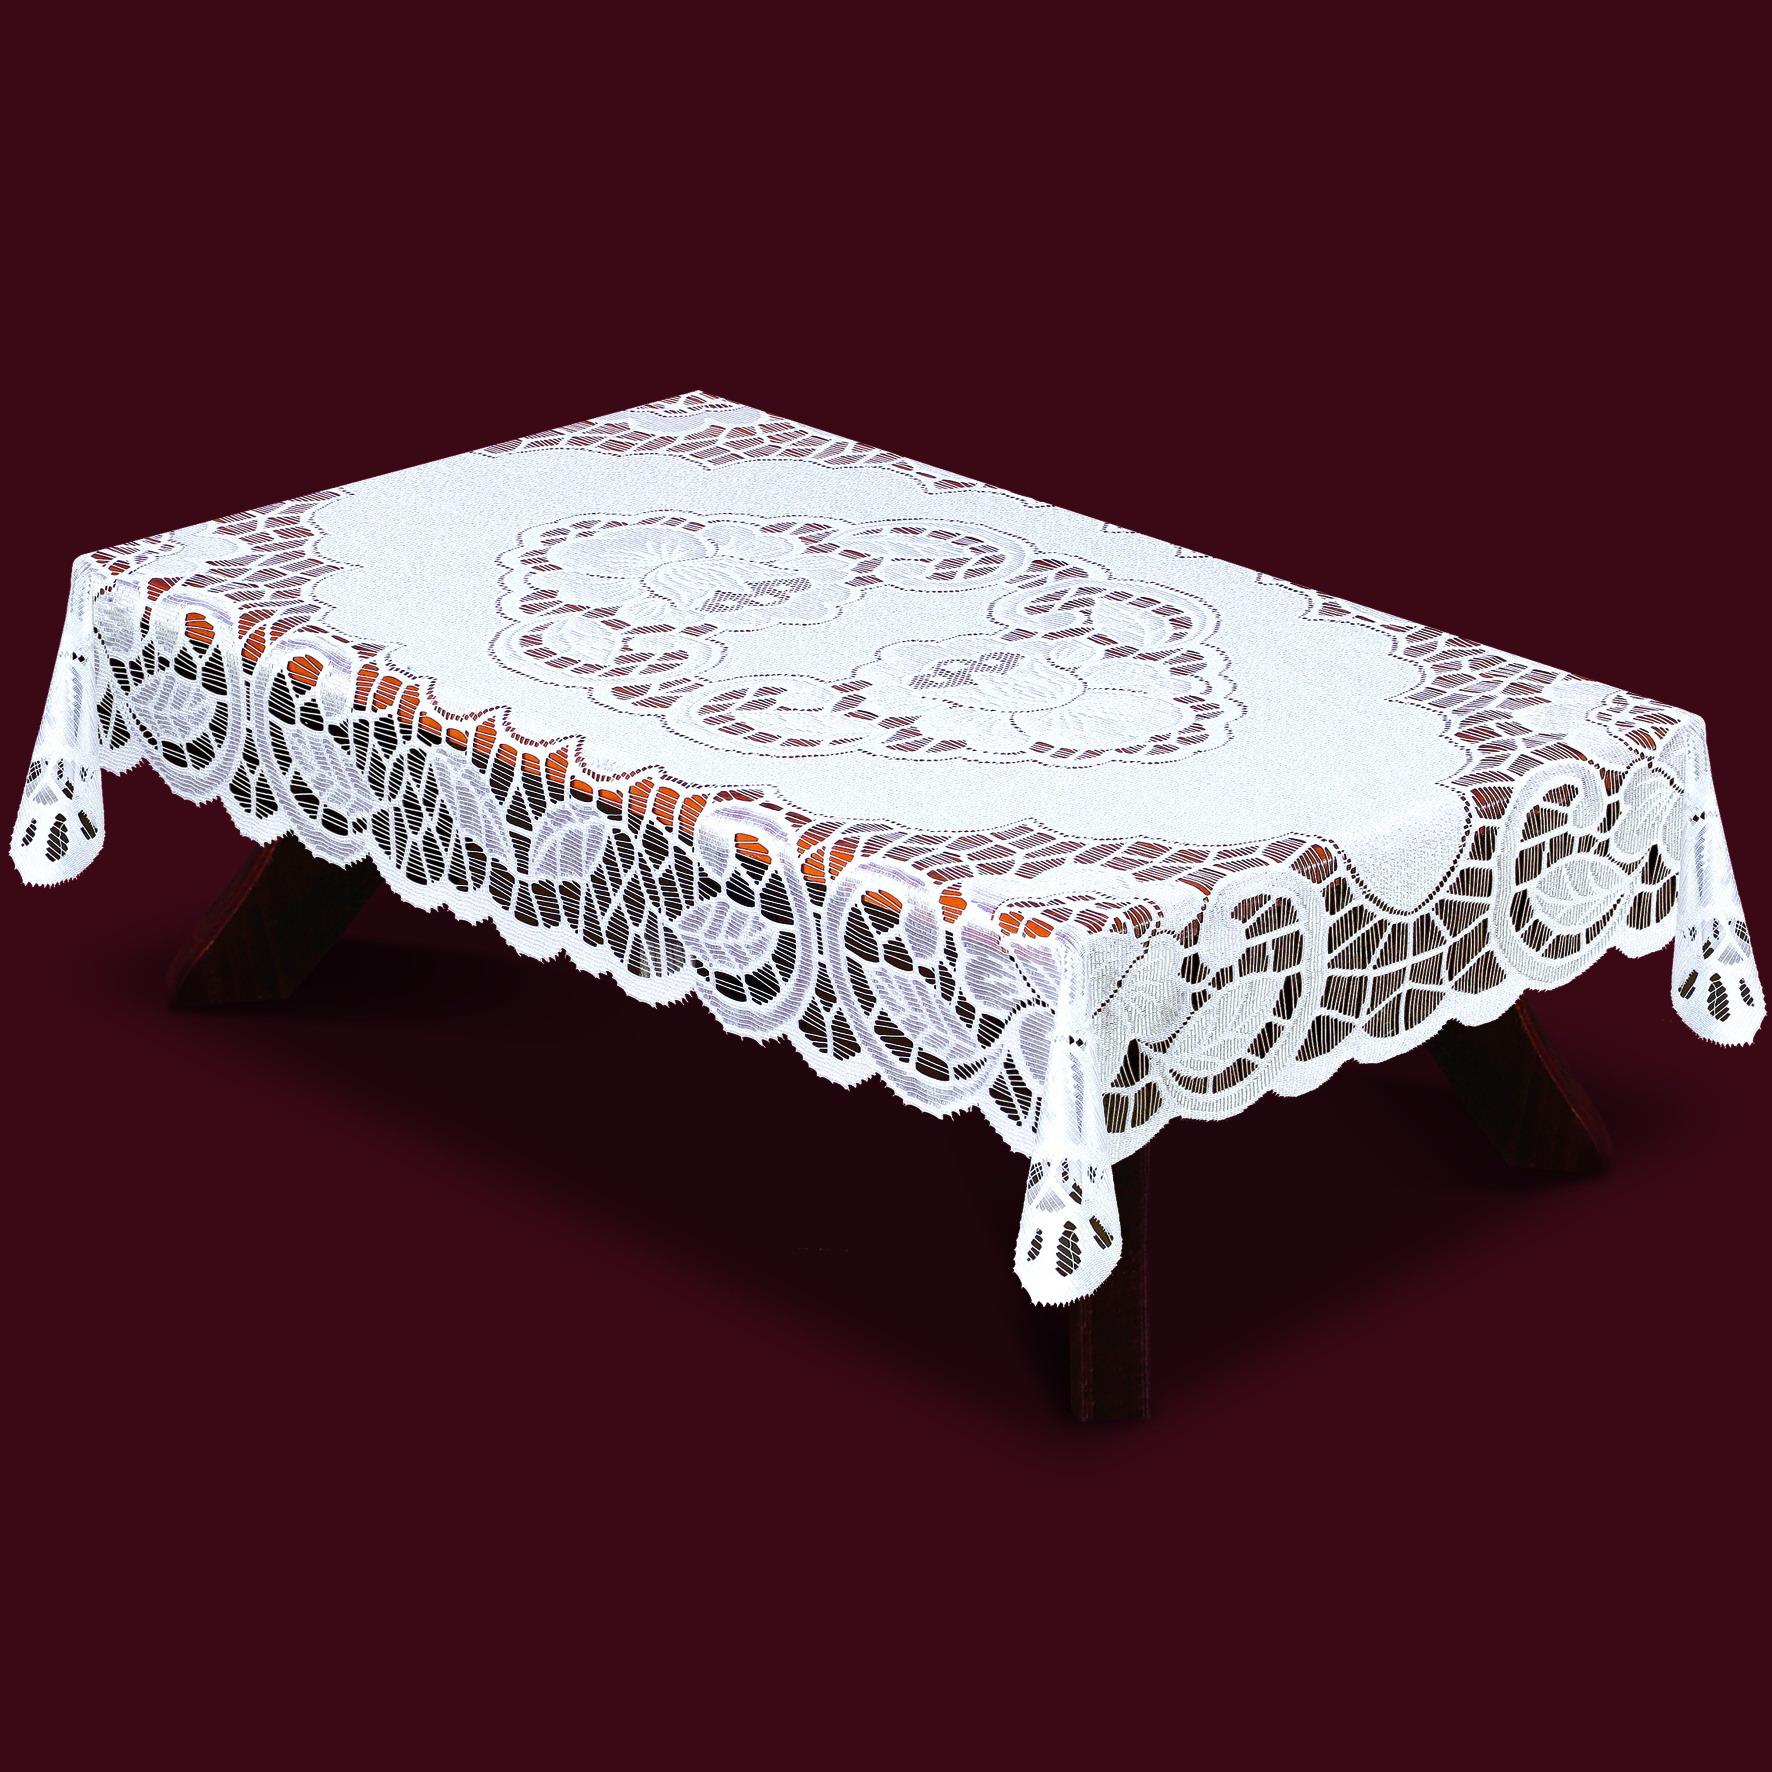 Скатерть Haft Skarb Babuni, прямоугольная, цвет: белый, 130 x 180 см. 38850/13038850/130Великолепная прямоугольная скатерть Haft Skarb Babuni, выполненная из 100% полиэстера, органично впишется в интерьер любого помещения, а оригинальный дизайн удовлетворит даже самый изысканный вкус. Скатерть изготовлена из сетчатого материала с ажурным орнаментом по краям и по центру. Скатерть Haft Skarb Babuni создаст праздничное настроение и станет прекрасным дополнением интерьера гостиной, кухни или столовой.